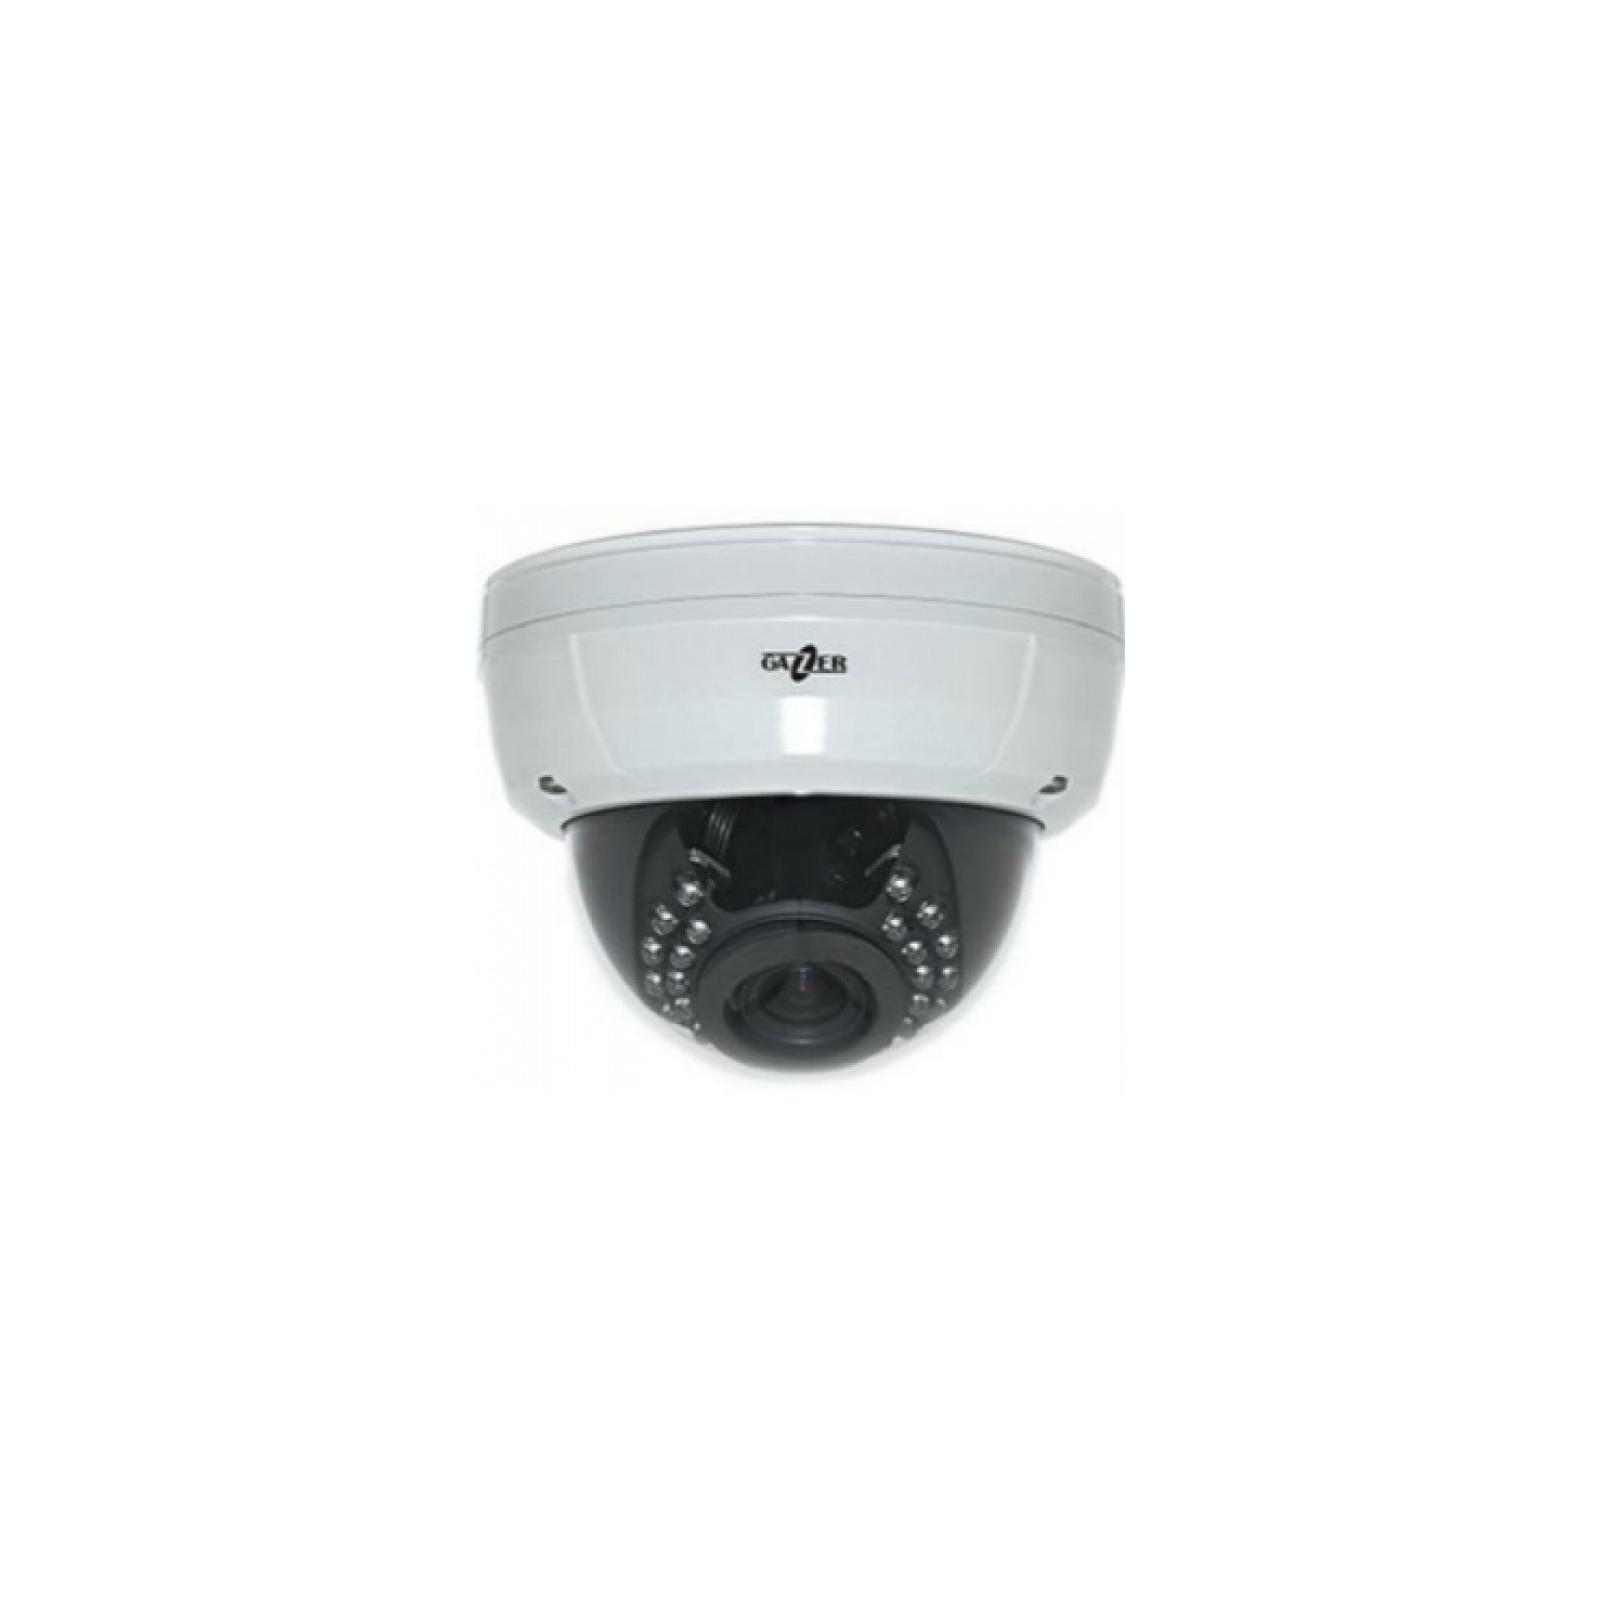 Камера видеонаблюдения Gazer SVC CI233 (CI233)